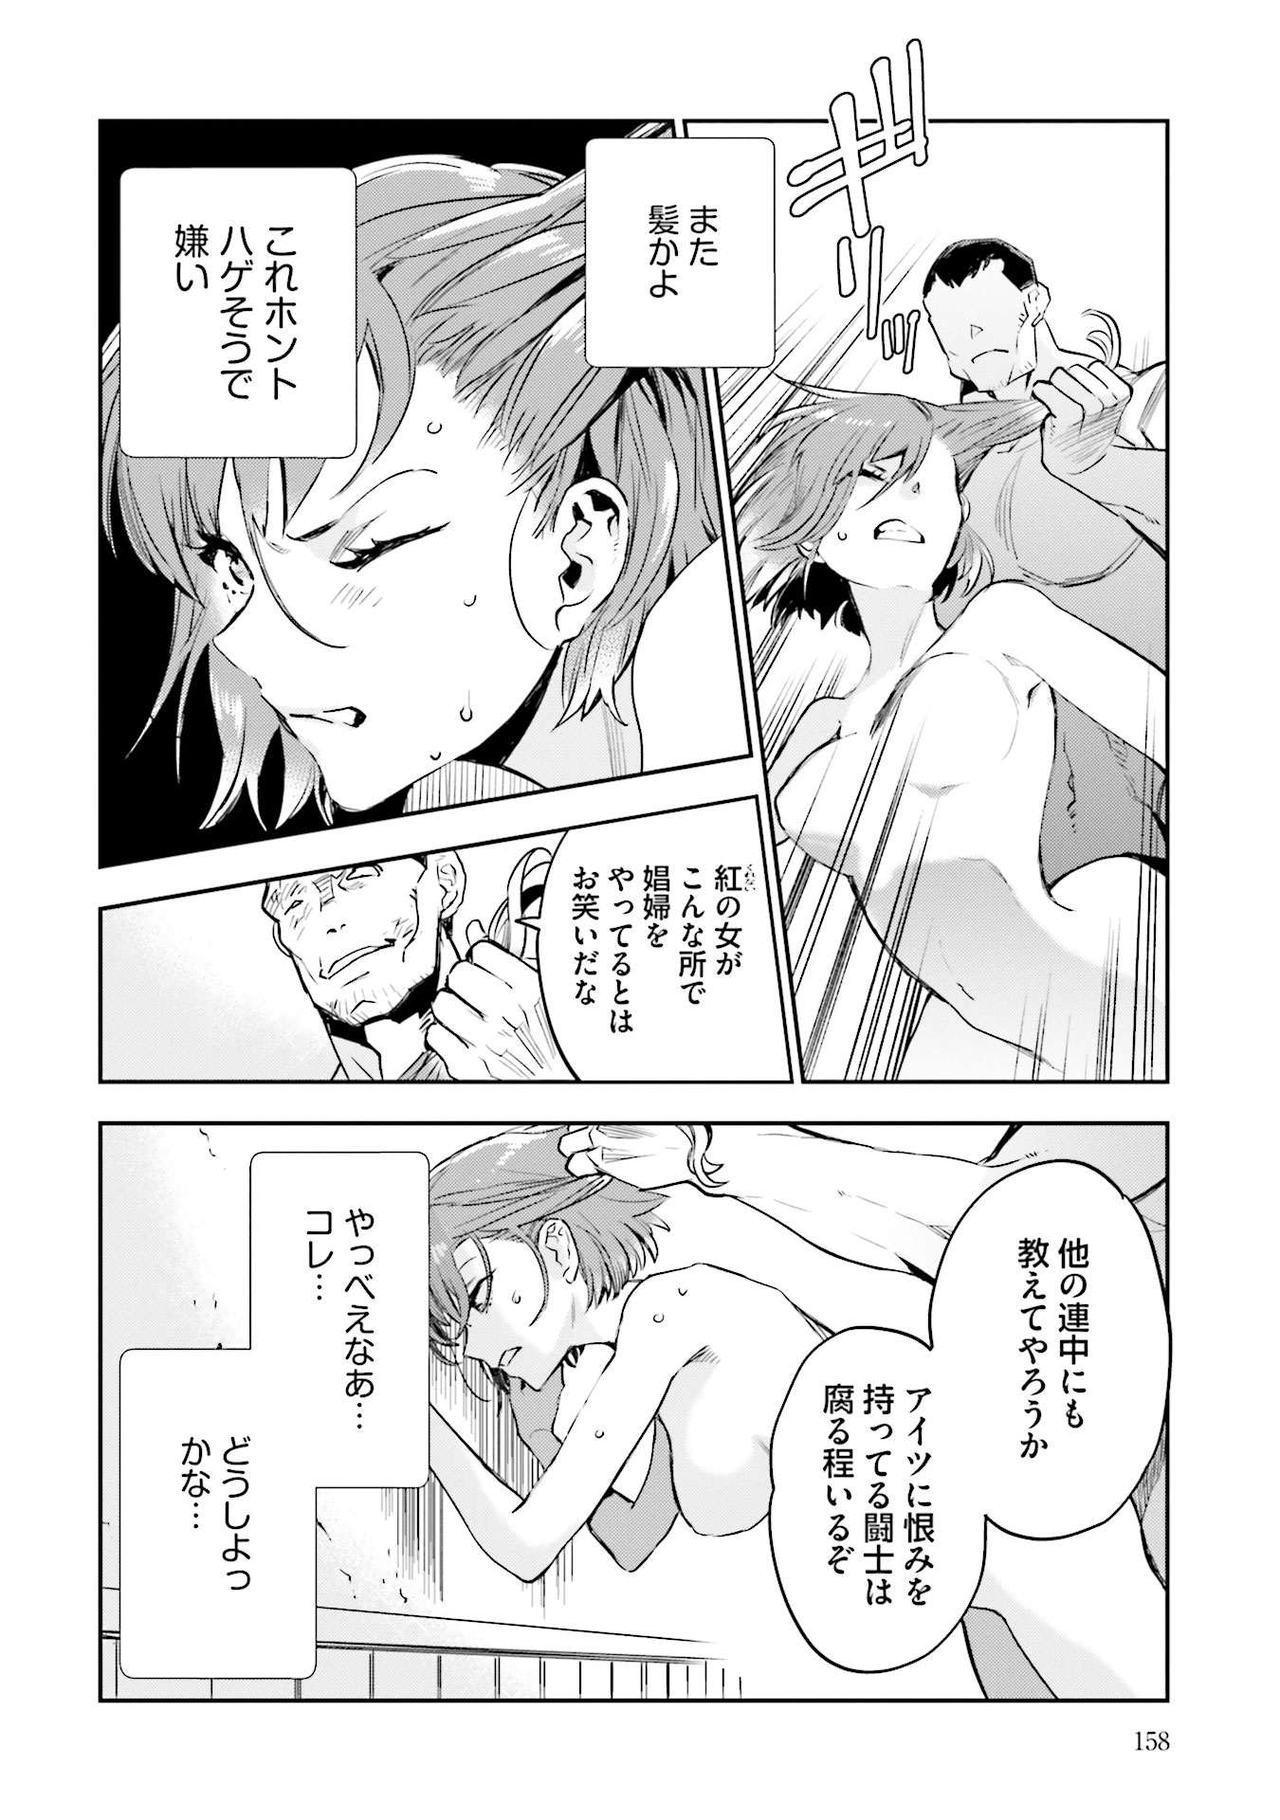 JK Haru wa Isekai de Shoufu ni Natta 1-14 159